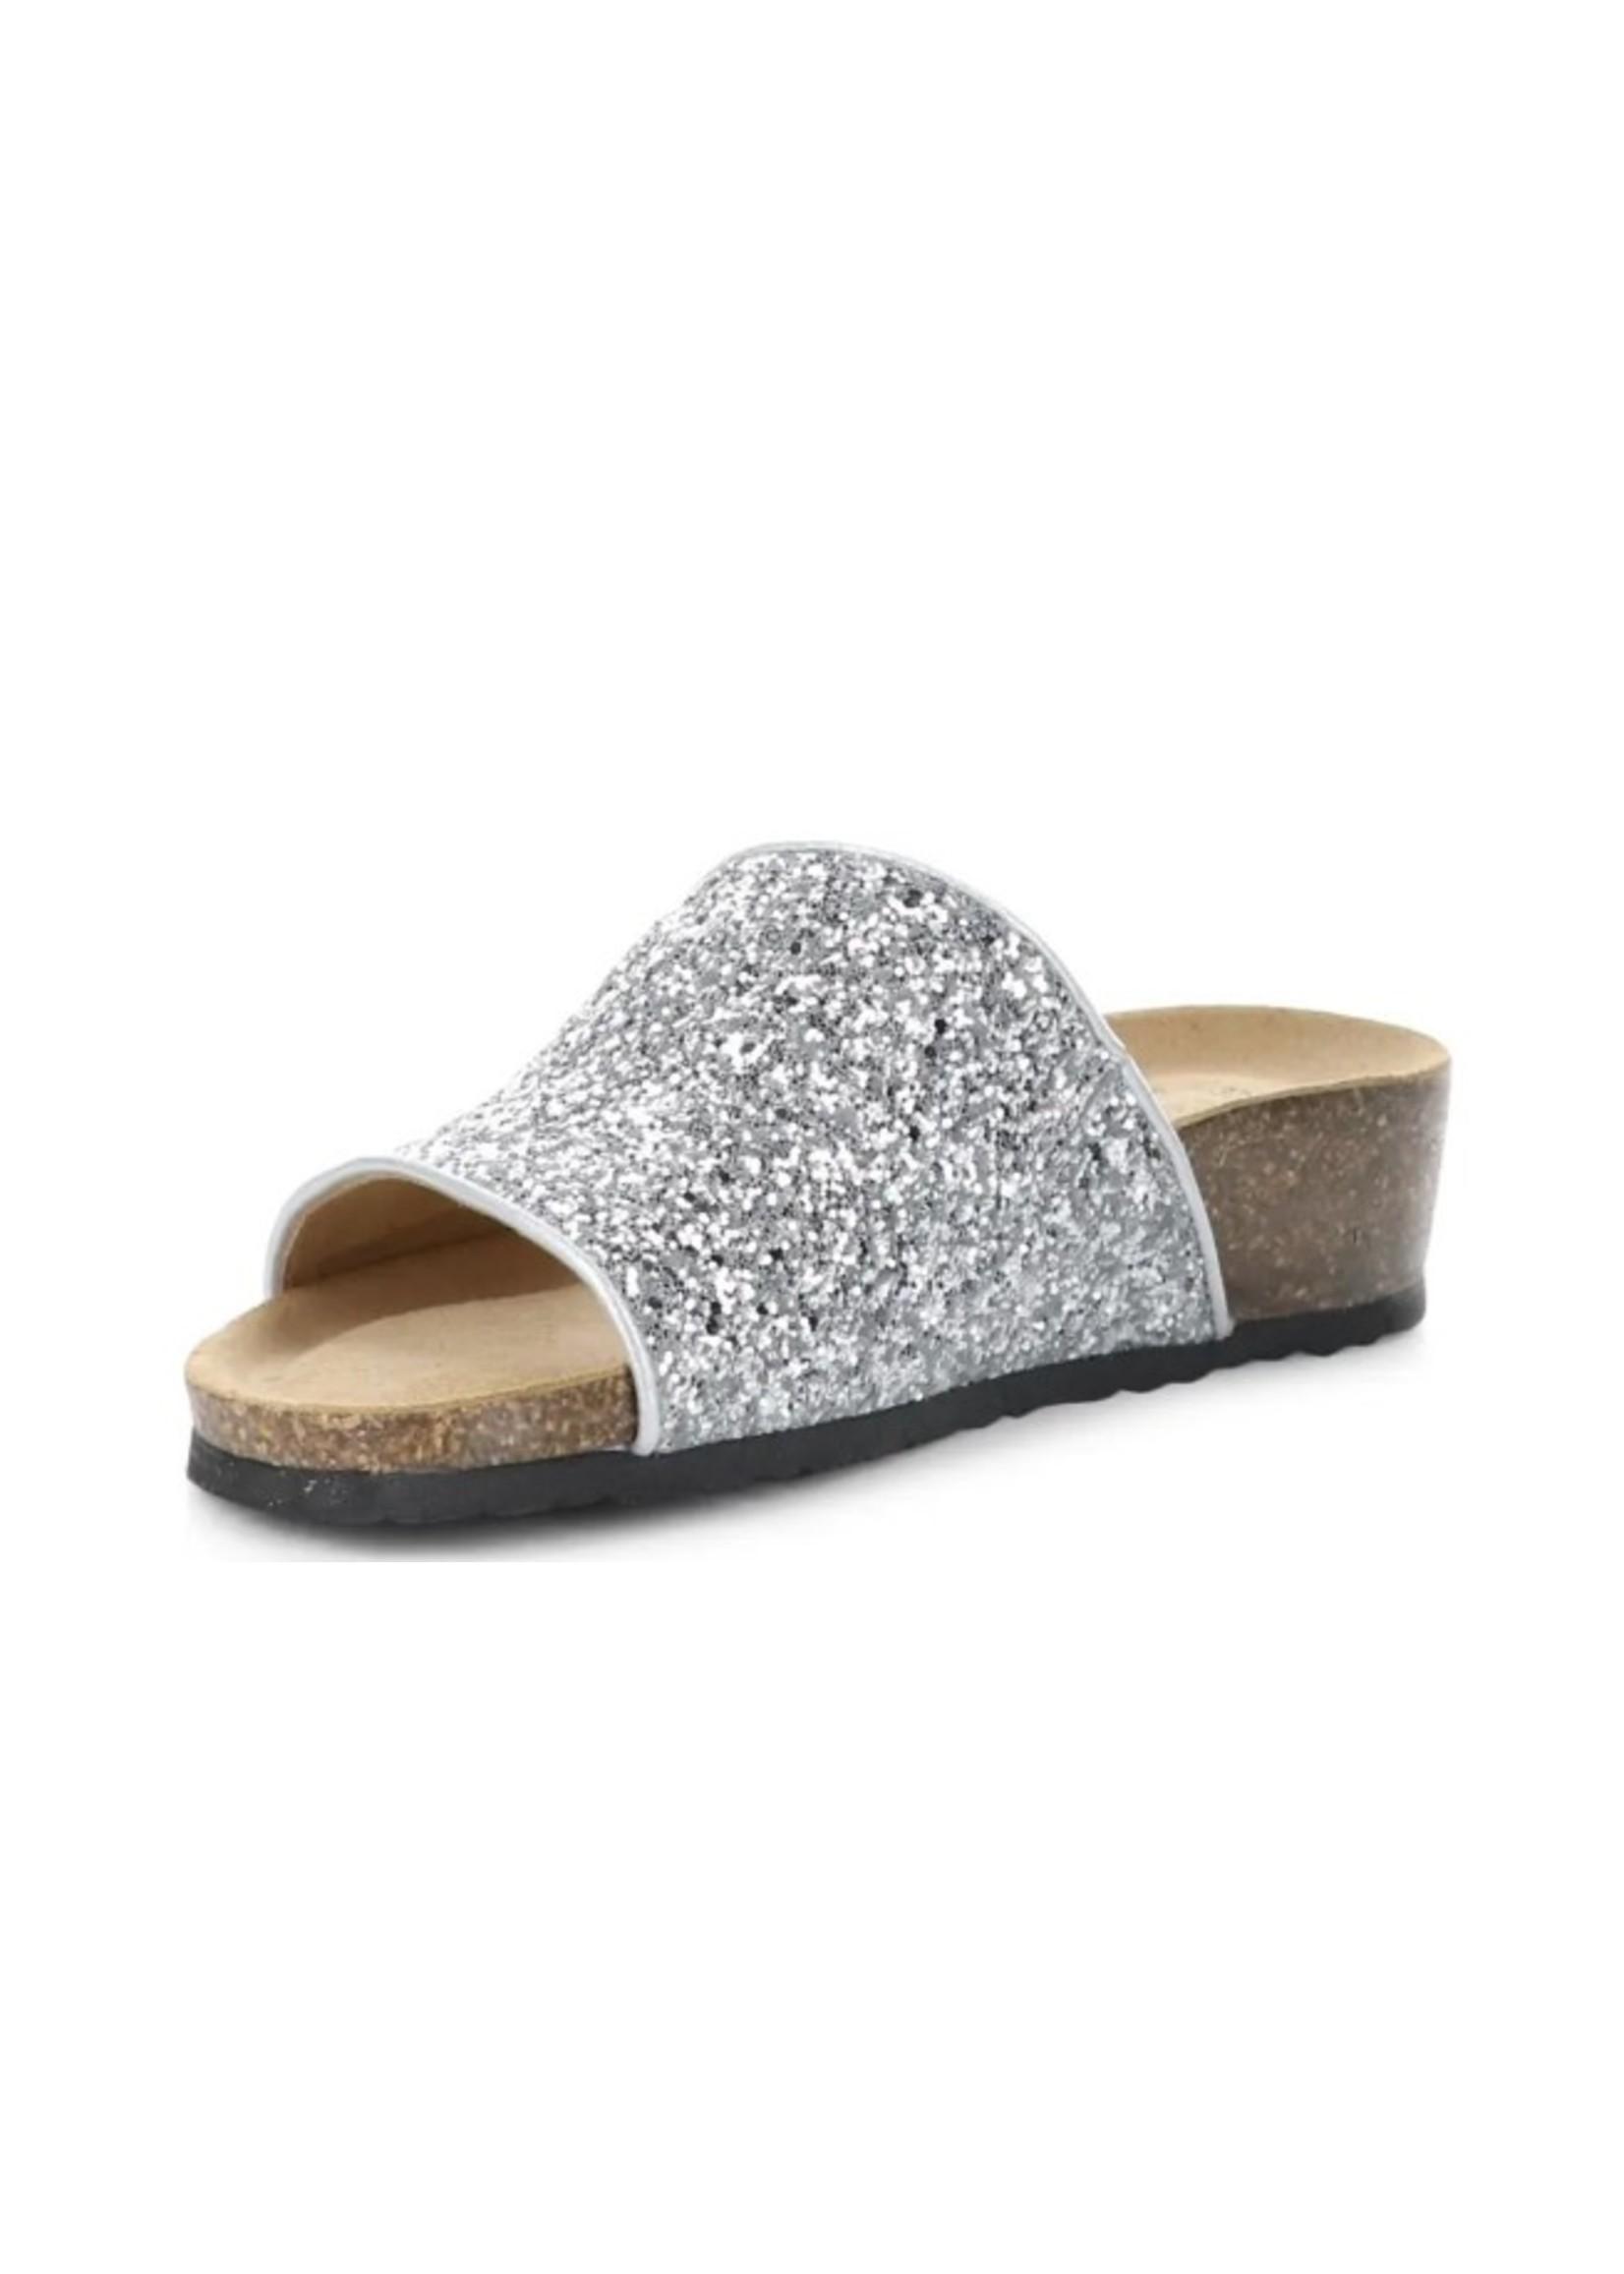 Bos & Co. Glux Bling Slide Sandals